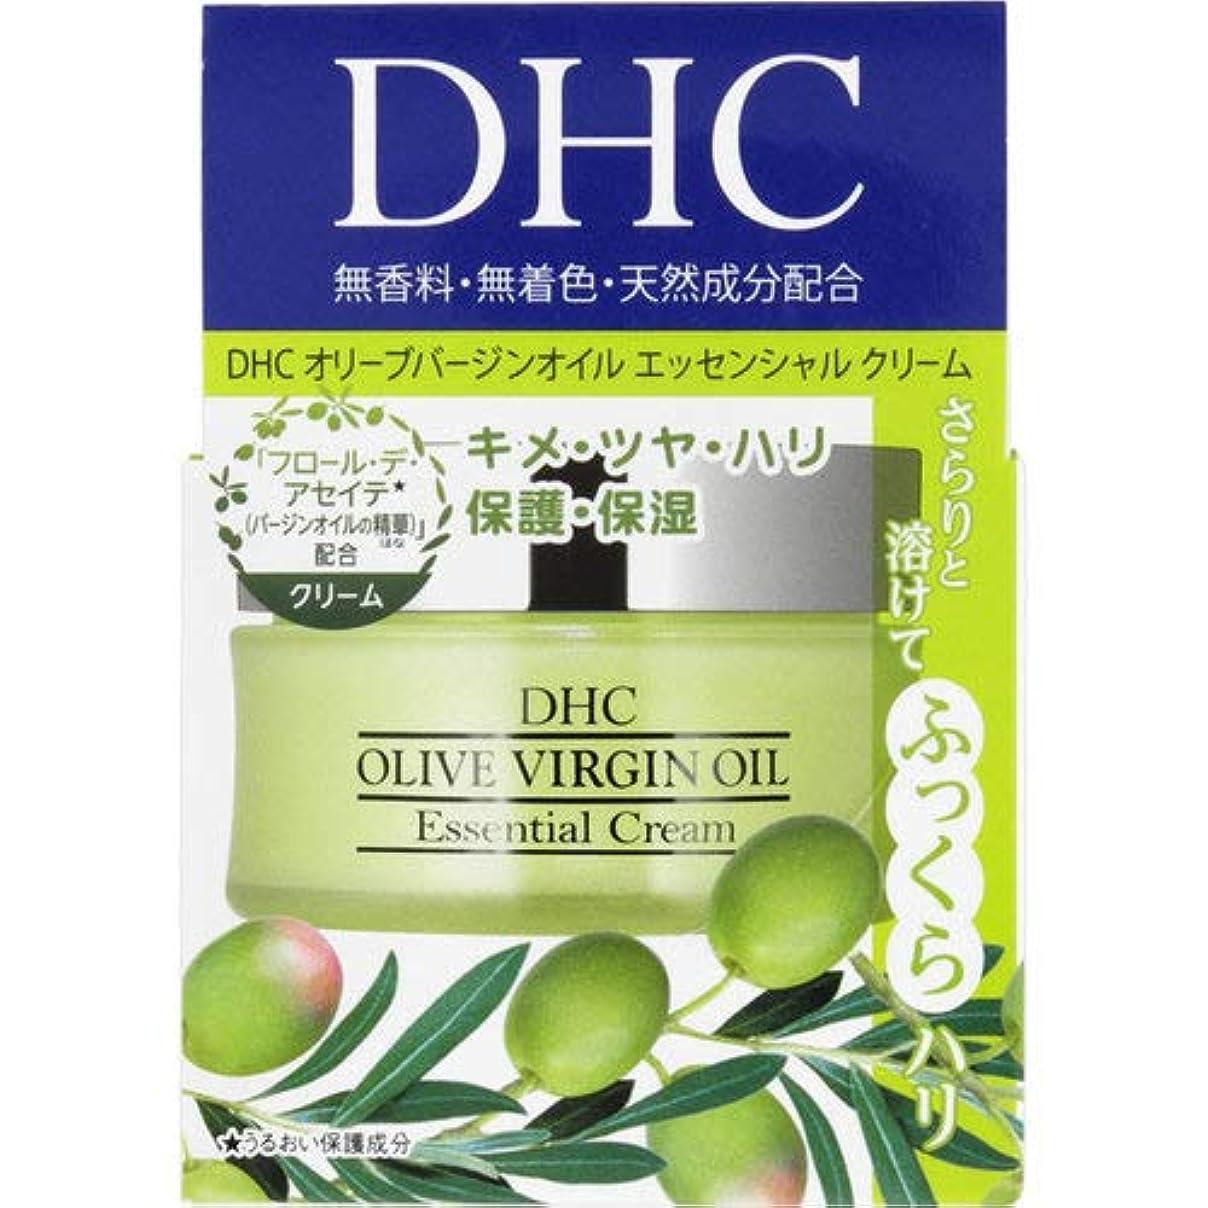 販売計画相反するよく話されるDHC オリーブバージンオイル エッセンシャル クリーム SS 32g